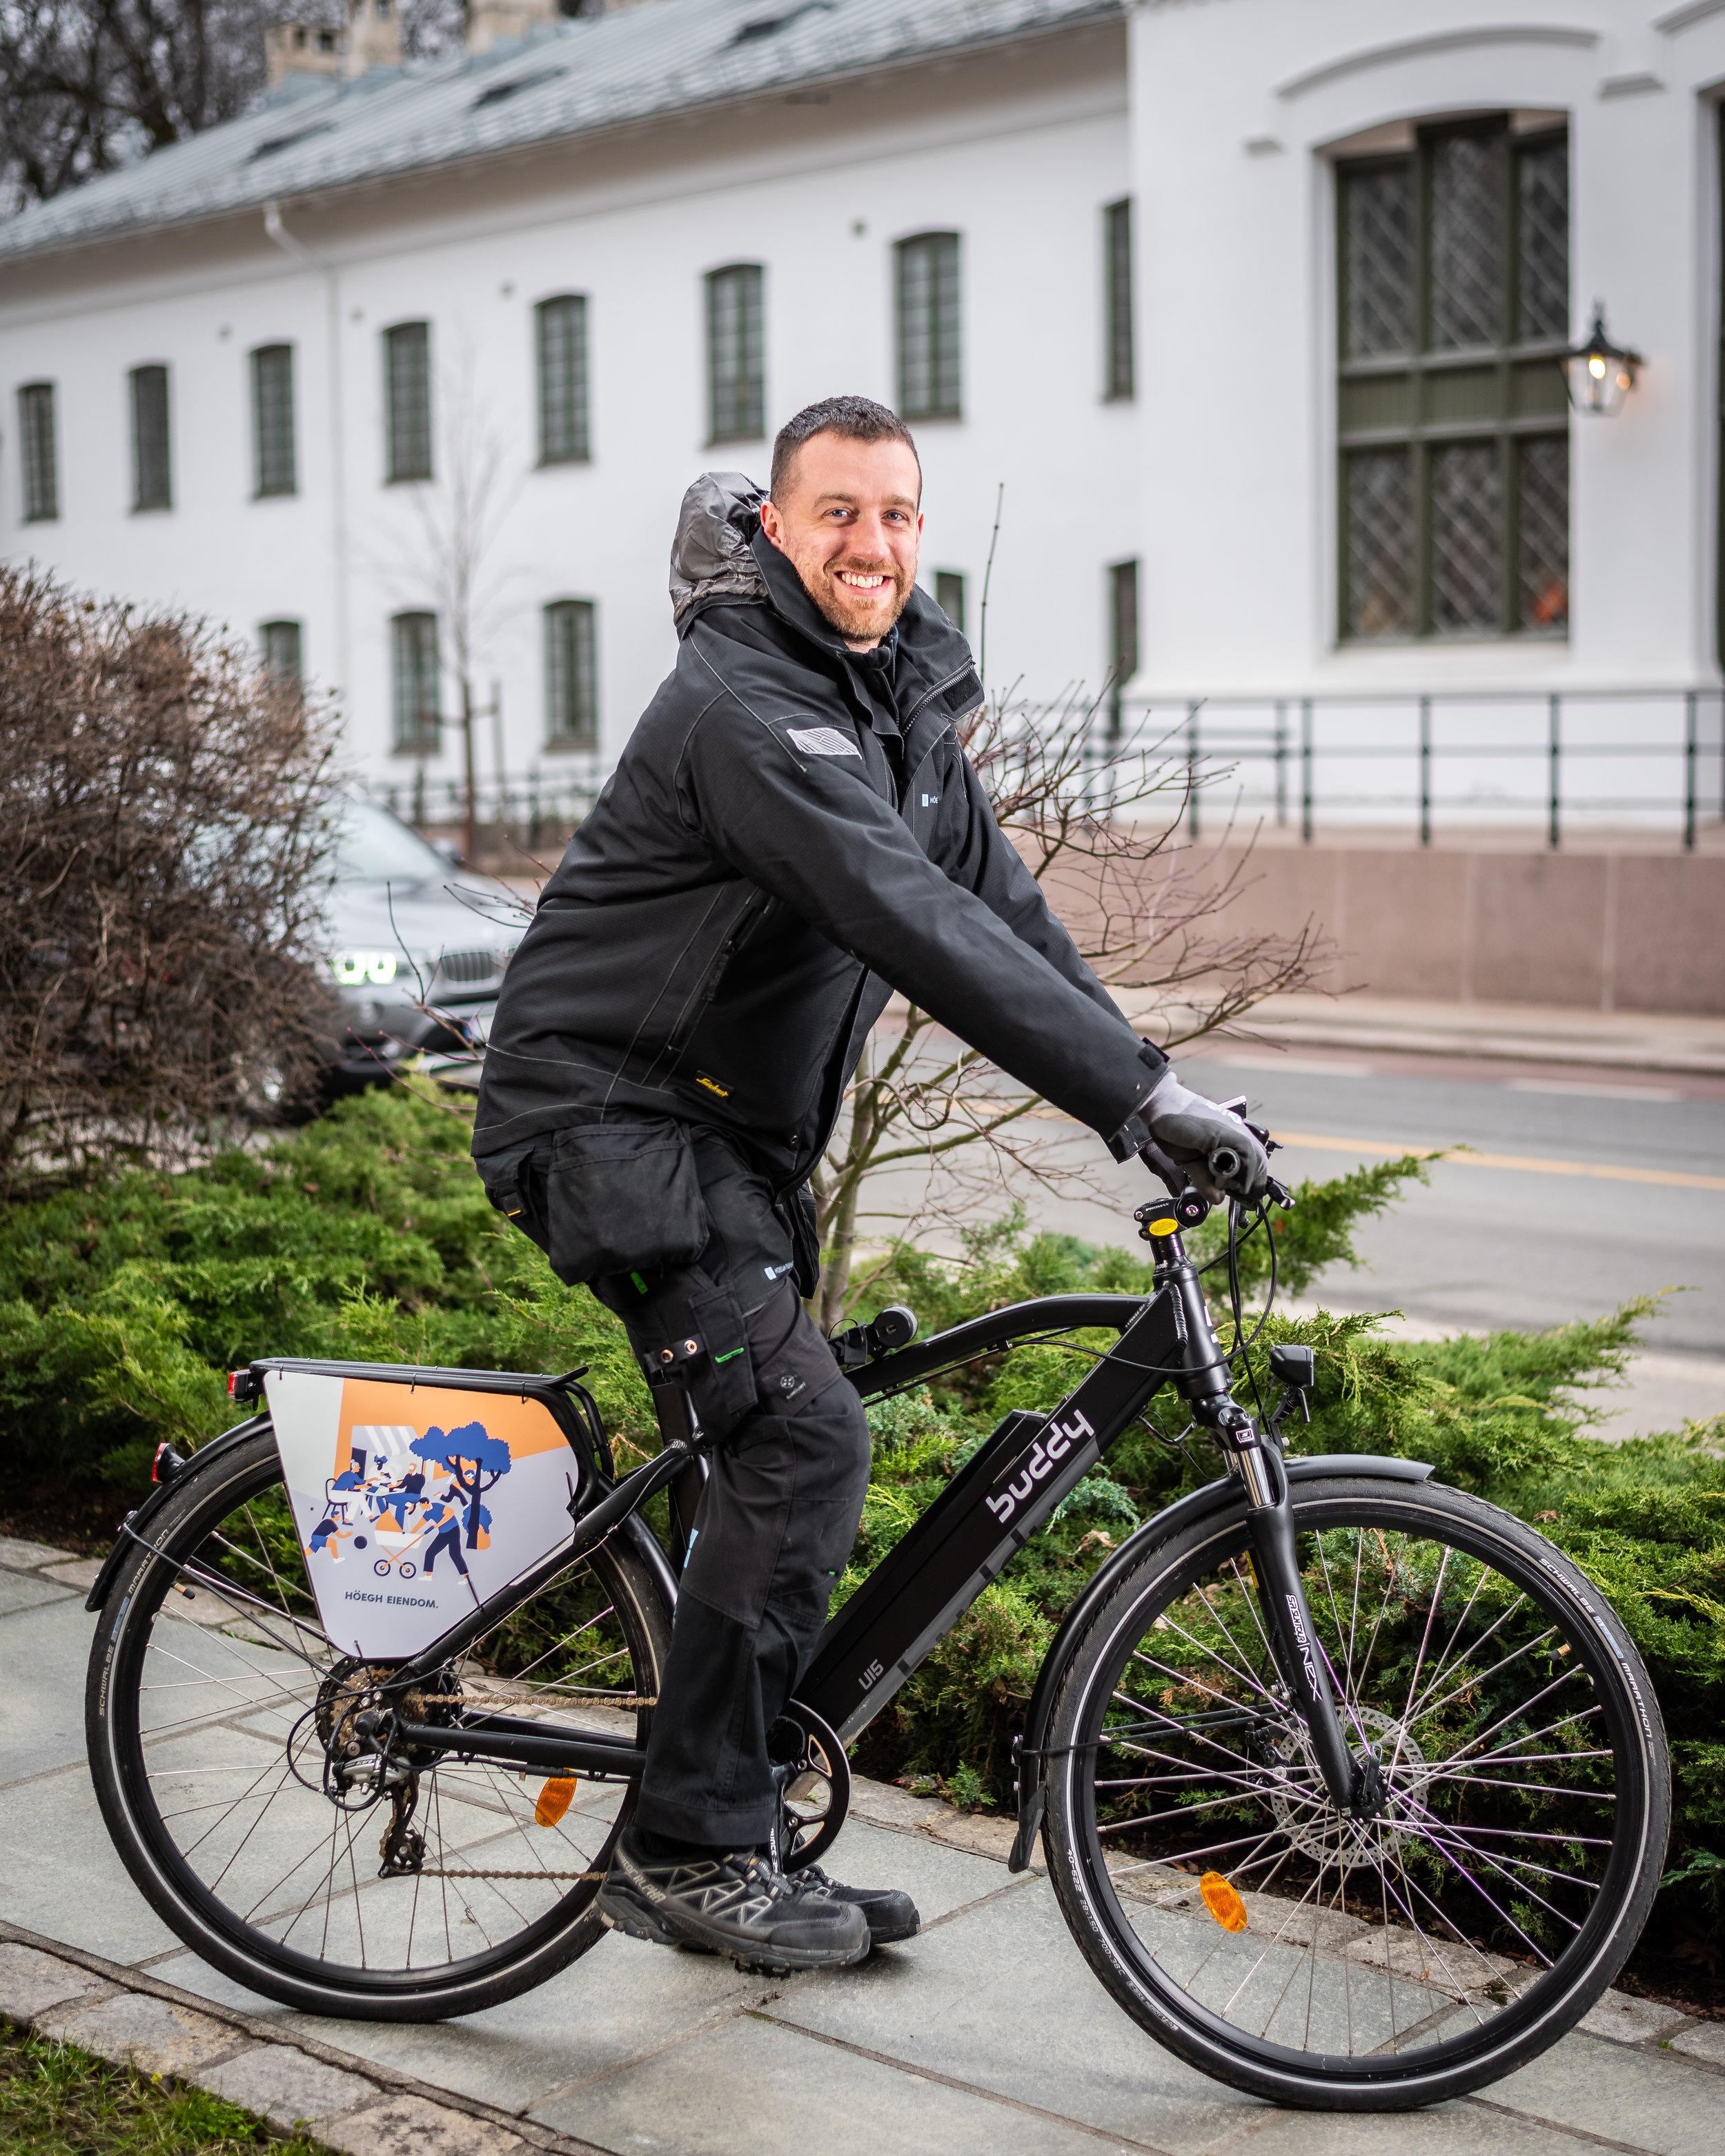 d30d8be1 Tidlig i september 2018 hentet Höegh Eiendom sin første Buddy Bike. Det var  den blide vaktmesteren Dominik som skulle sykle den første turen, og han  gledet ...